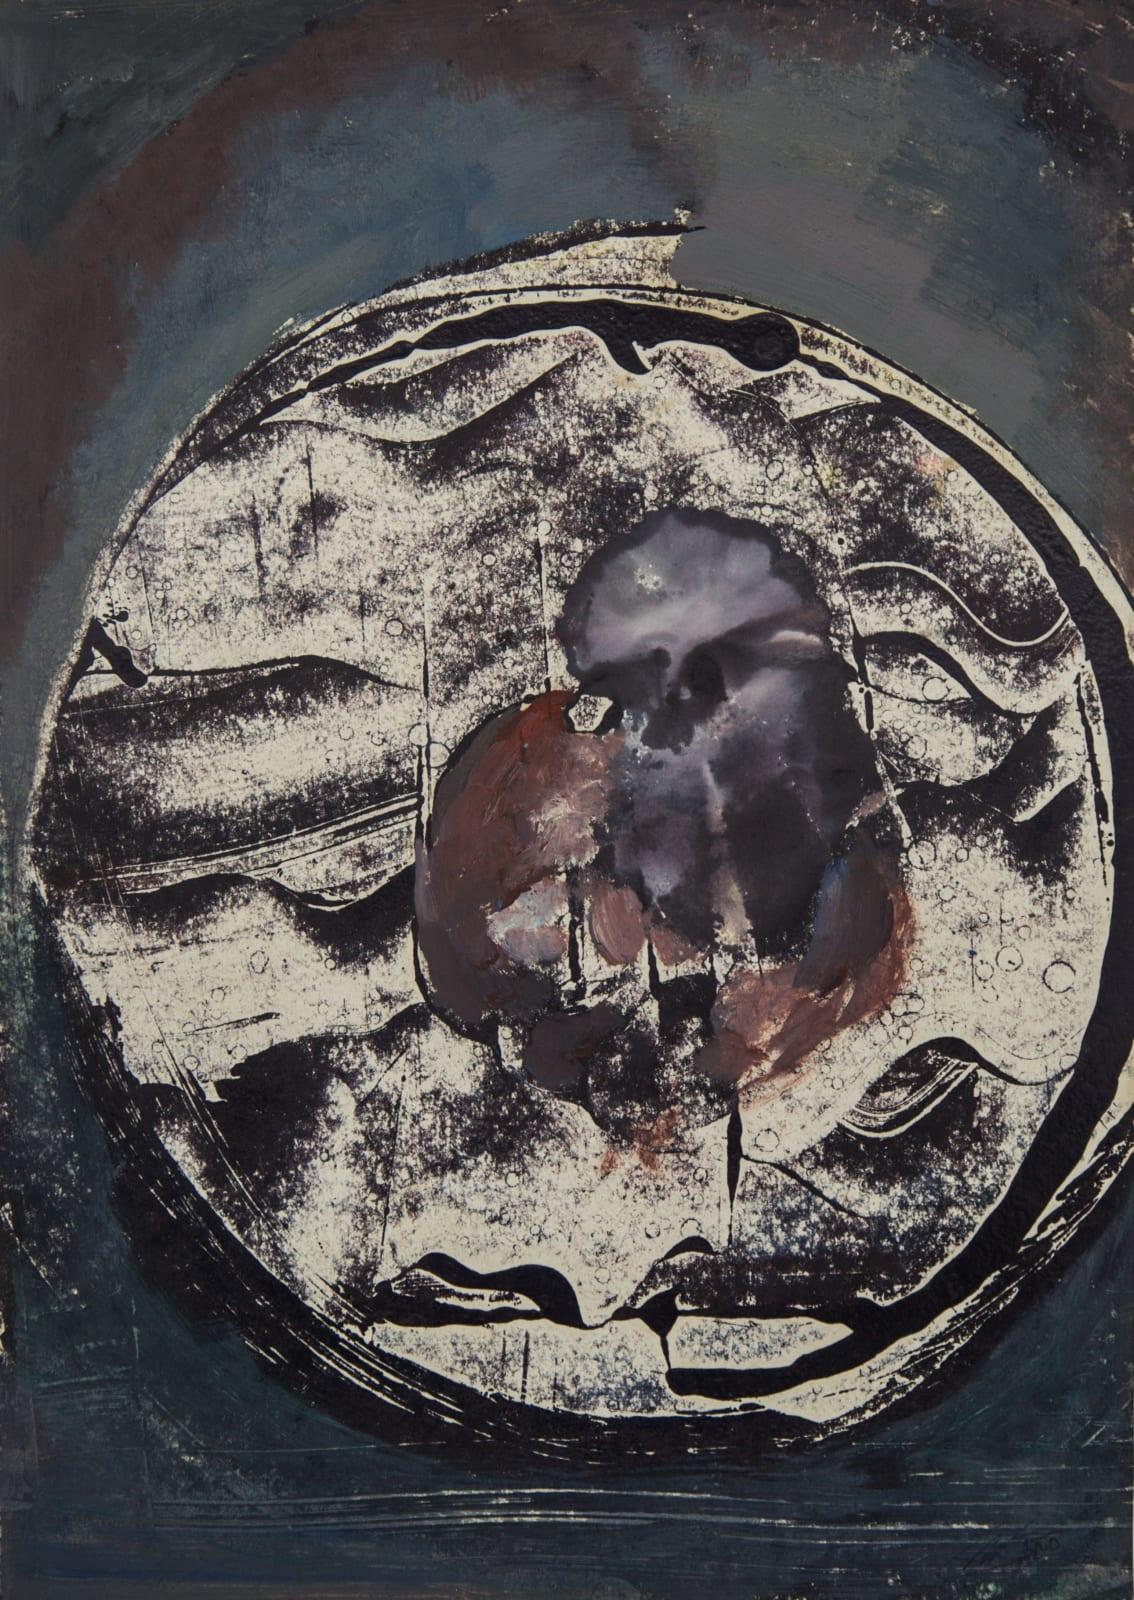 Mulugeta Kassa, Untitled II, 2012